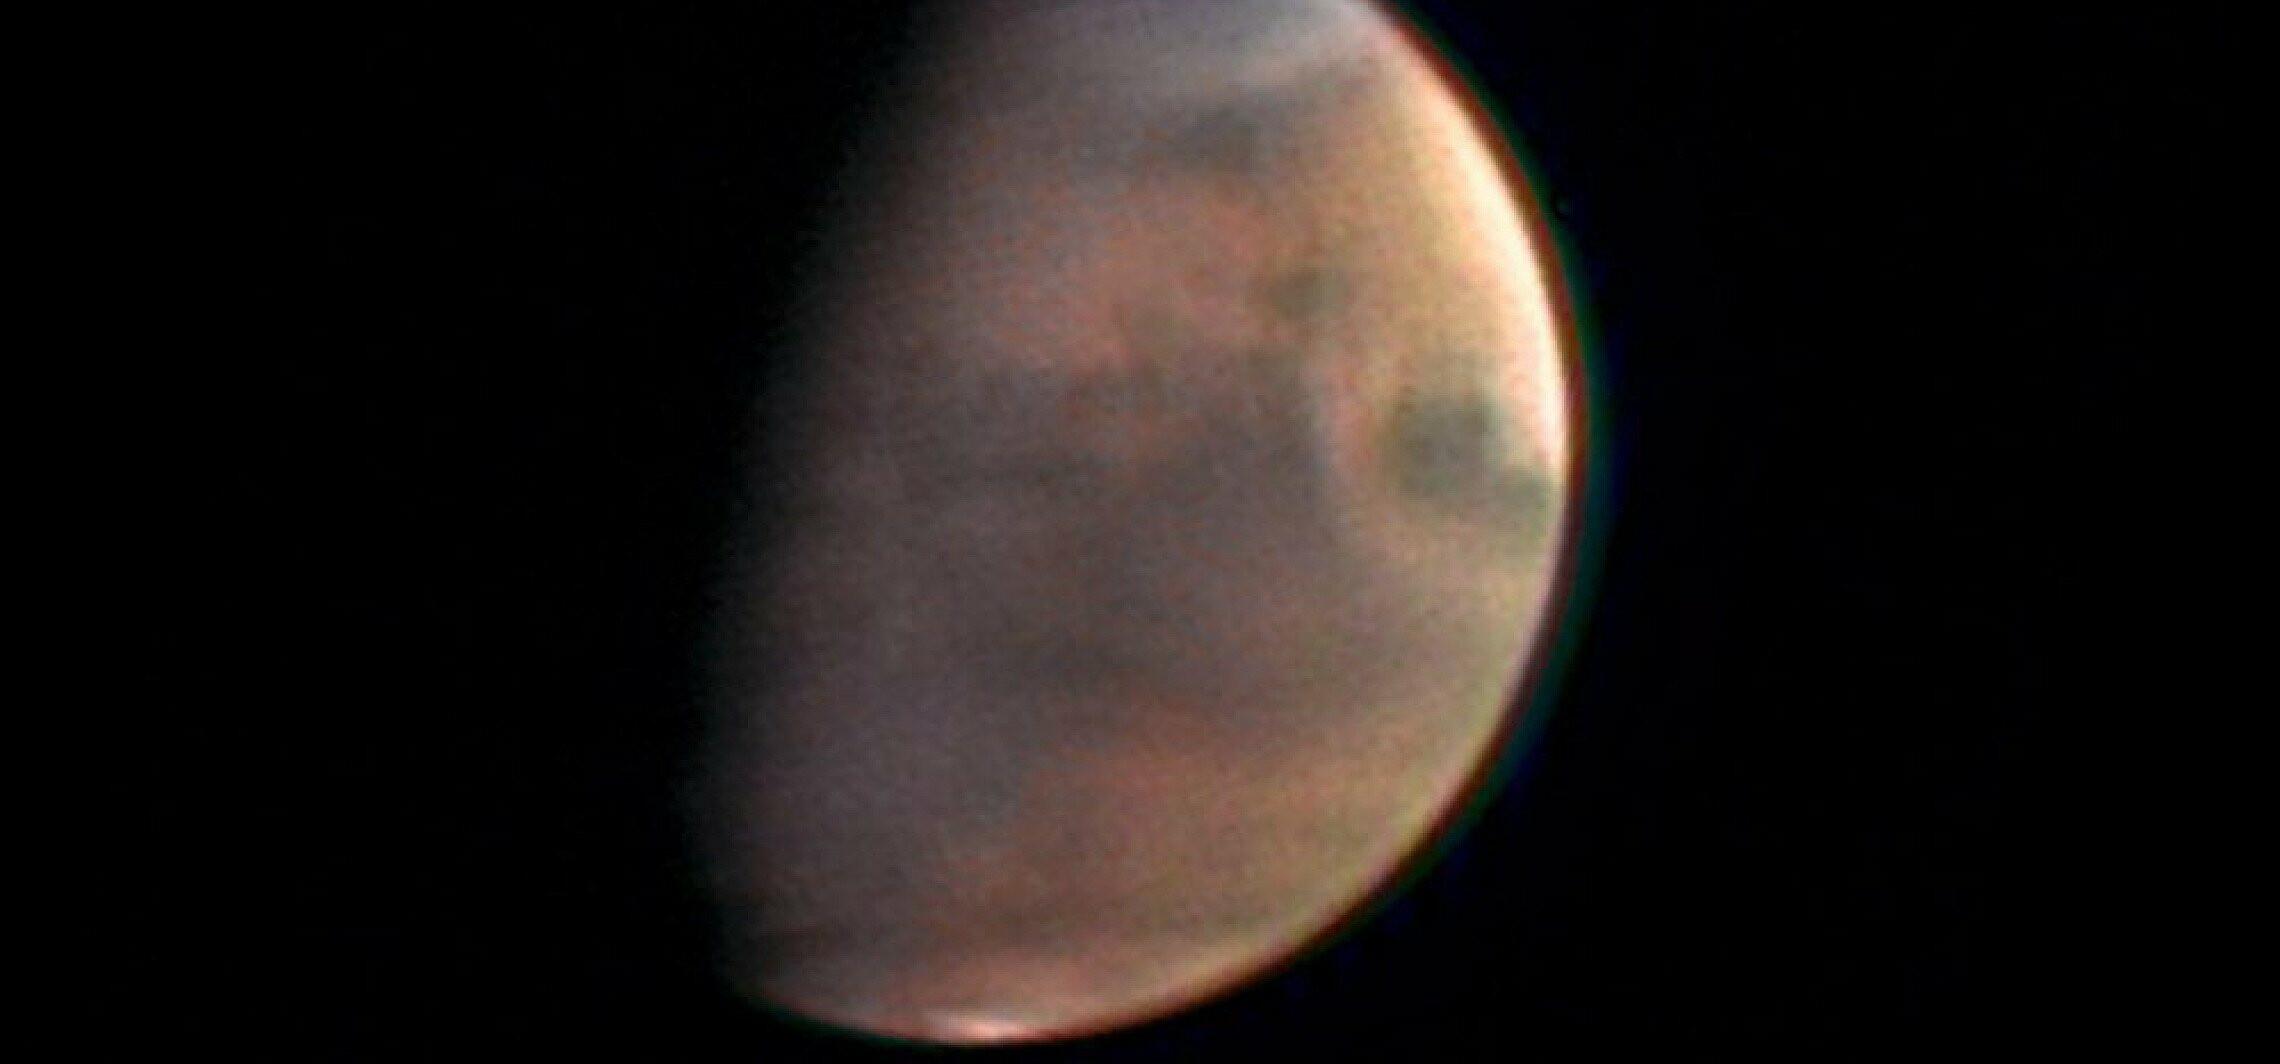 Marsa będzie można zobaczyć w rozdzielczości 8K